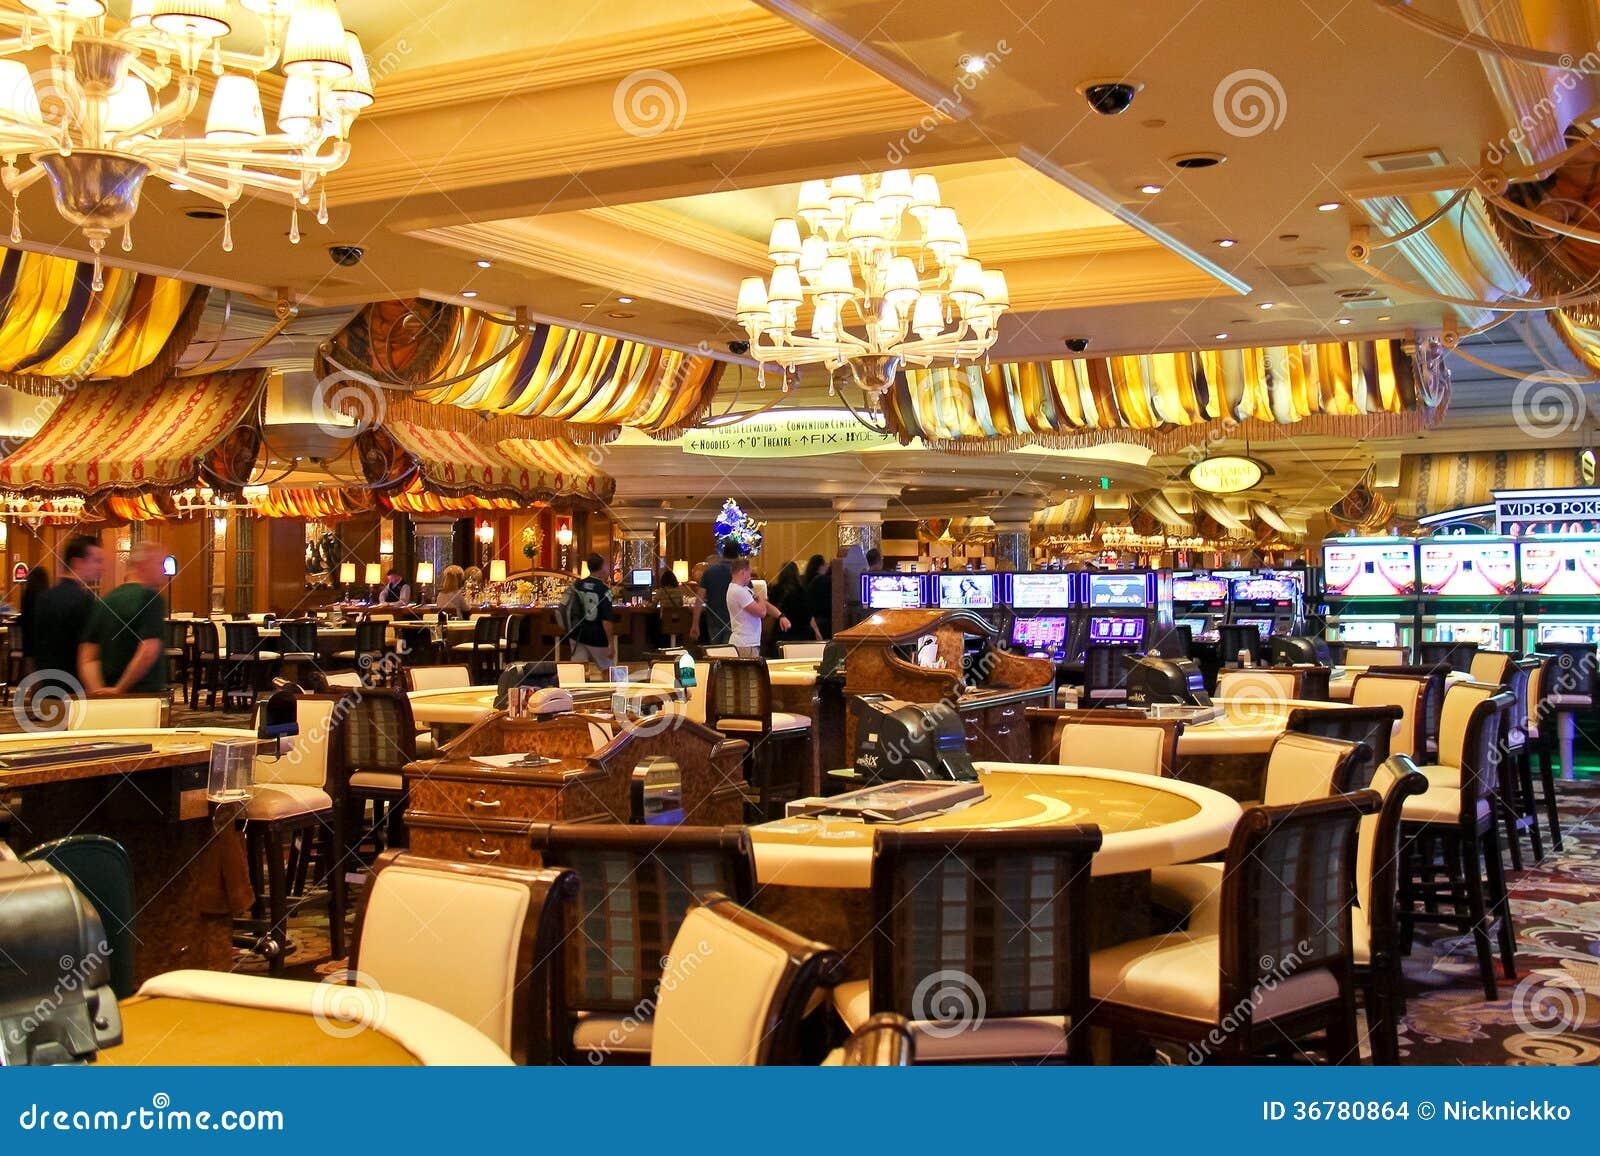 Χαρτοπαικτική λέσχη στο ξενοδοχείο του Μπελάτζιο στο Λας Βέγκας